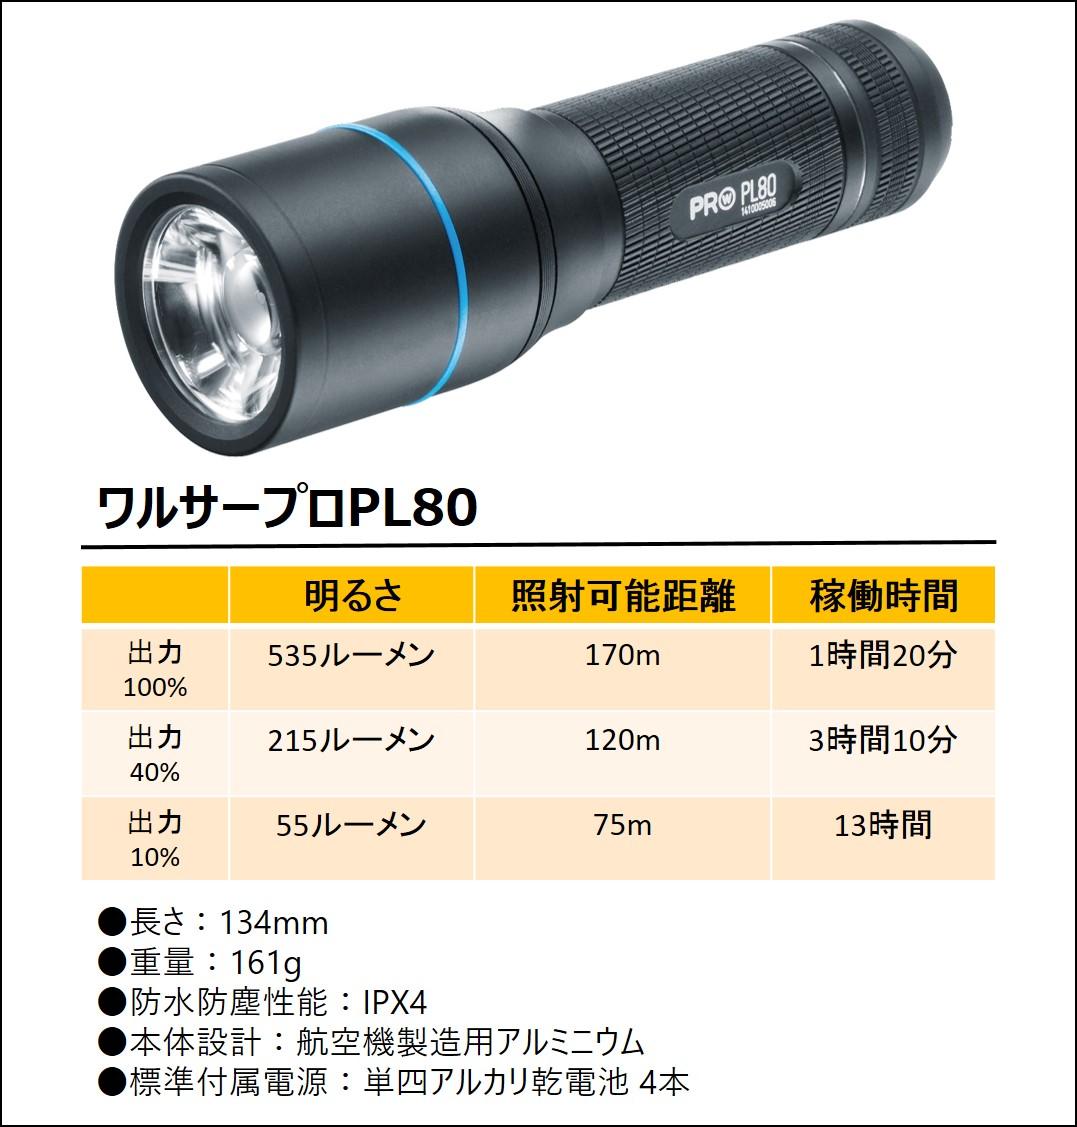 防水防塵の高耐久フラッシュライト「ワルサープロPL80」スペック